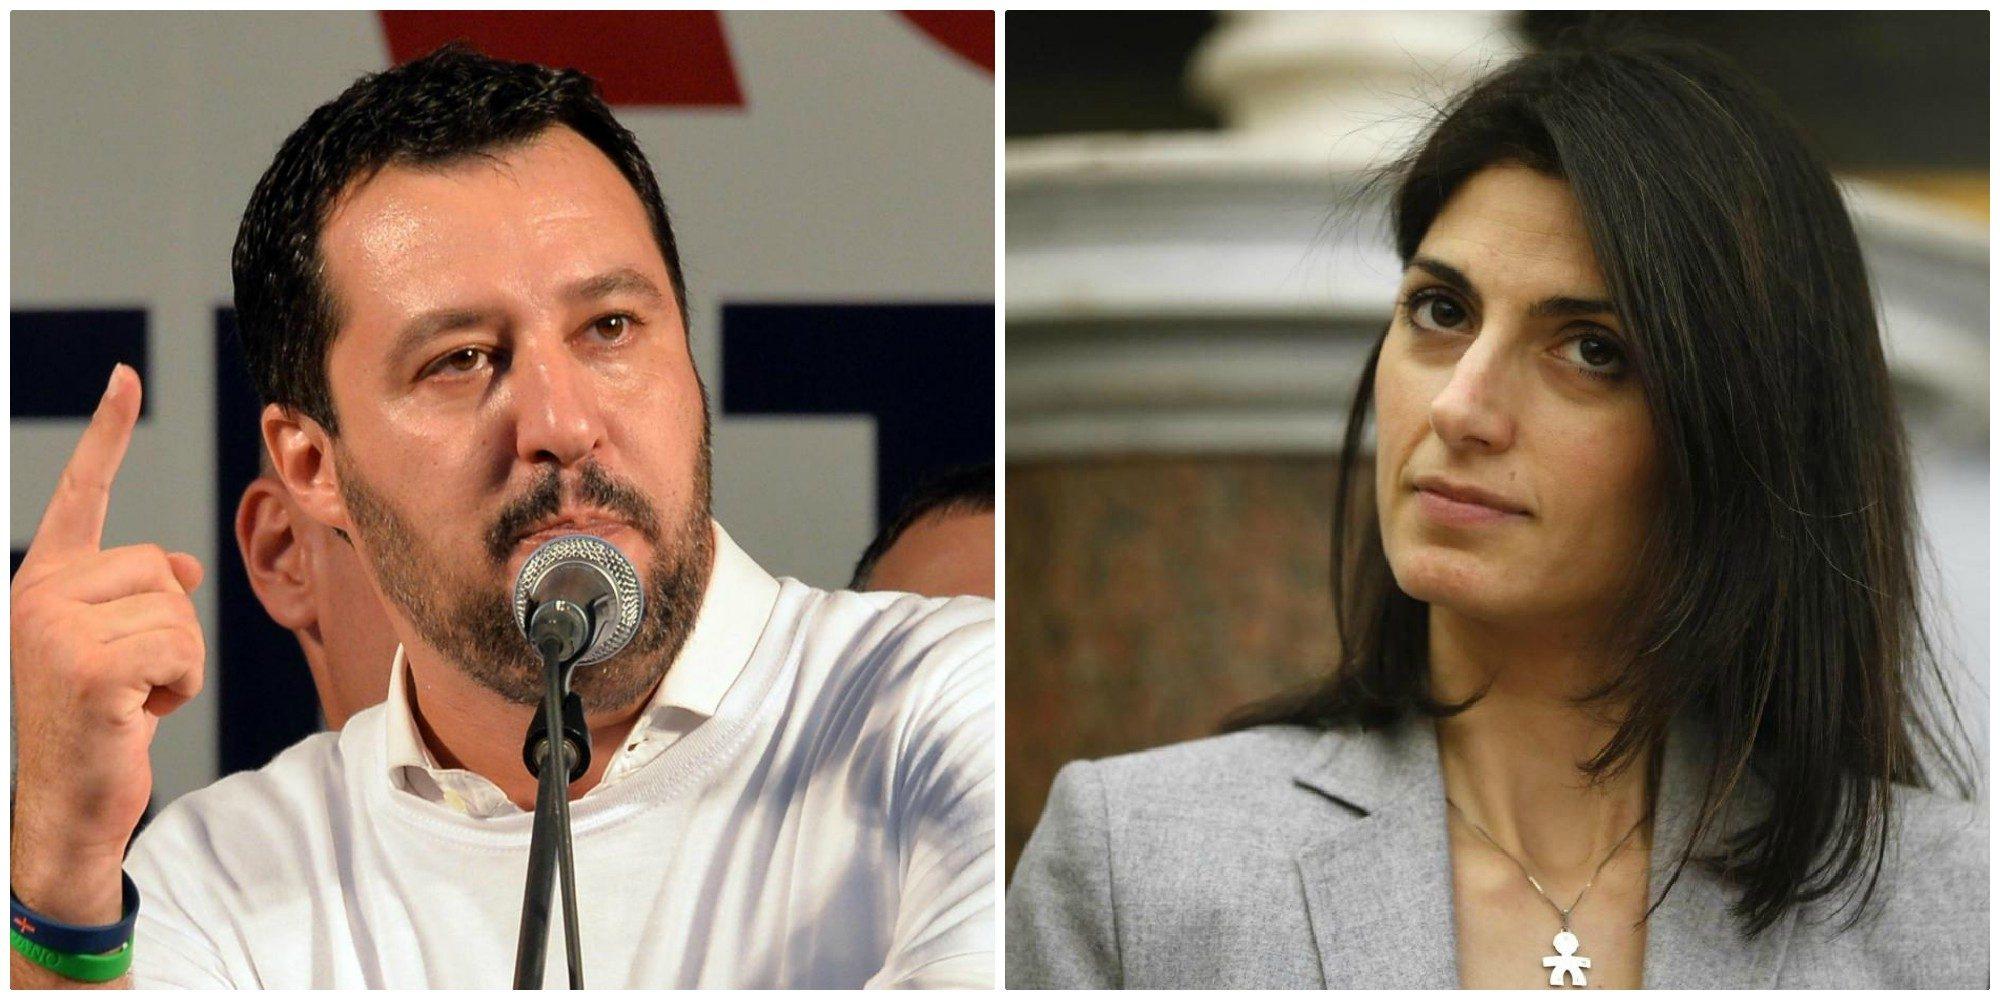 Il ministro Salvini e la sindaca di Roma Raggi